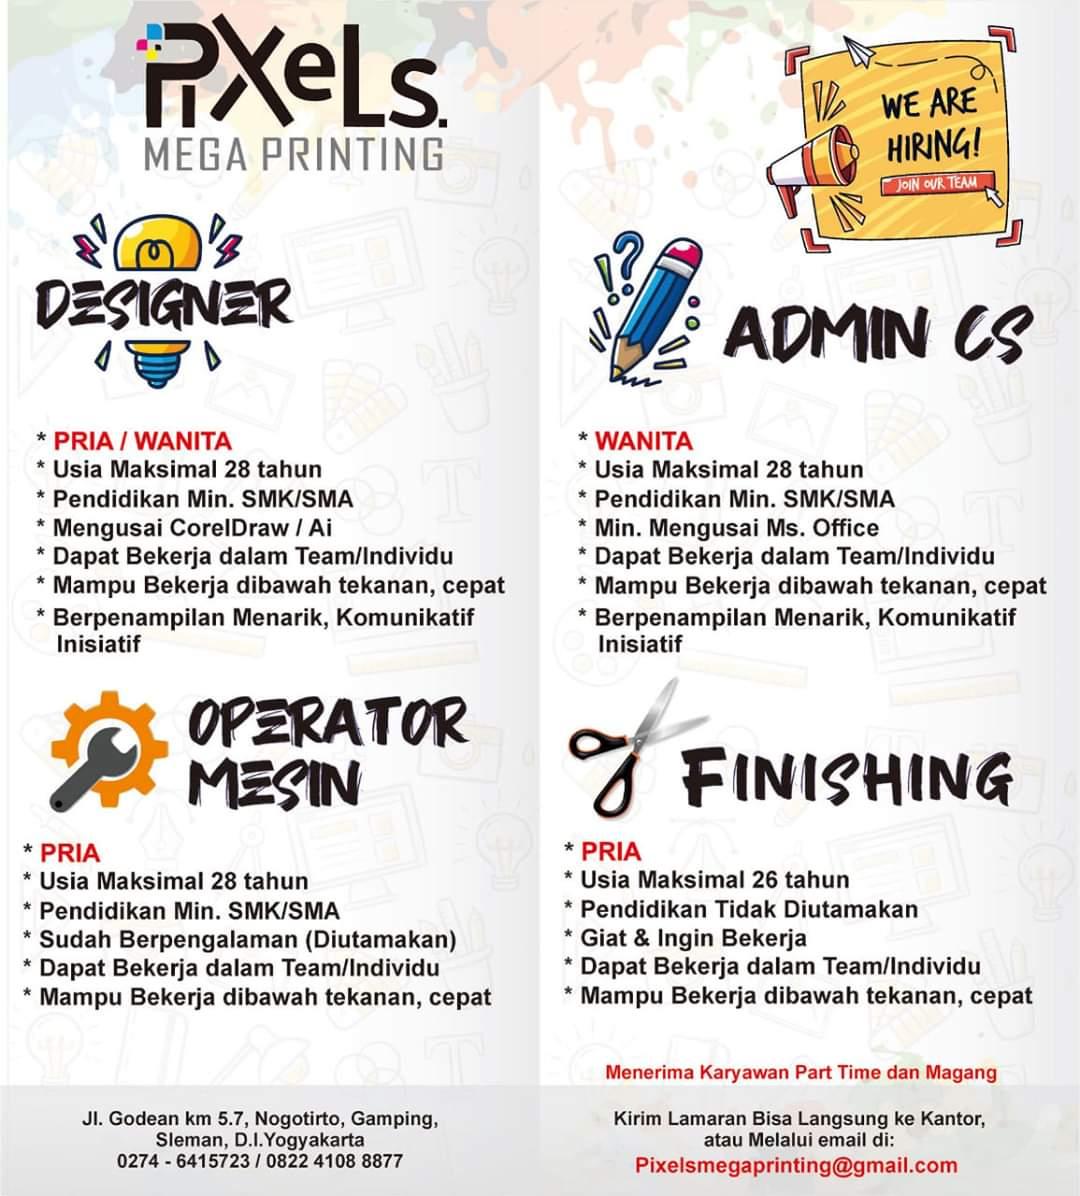 Lowongan Kerja Sleman di Pixels Mega Printing Untuk Posisi Designer,Operator MesinAdmin CS, & Finishing